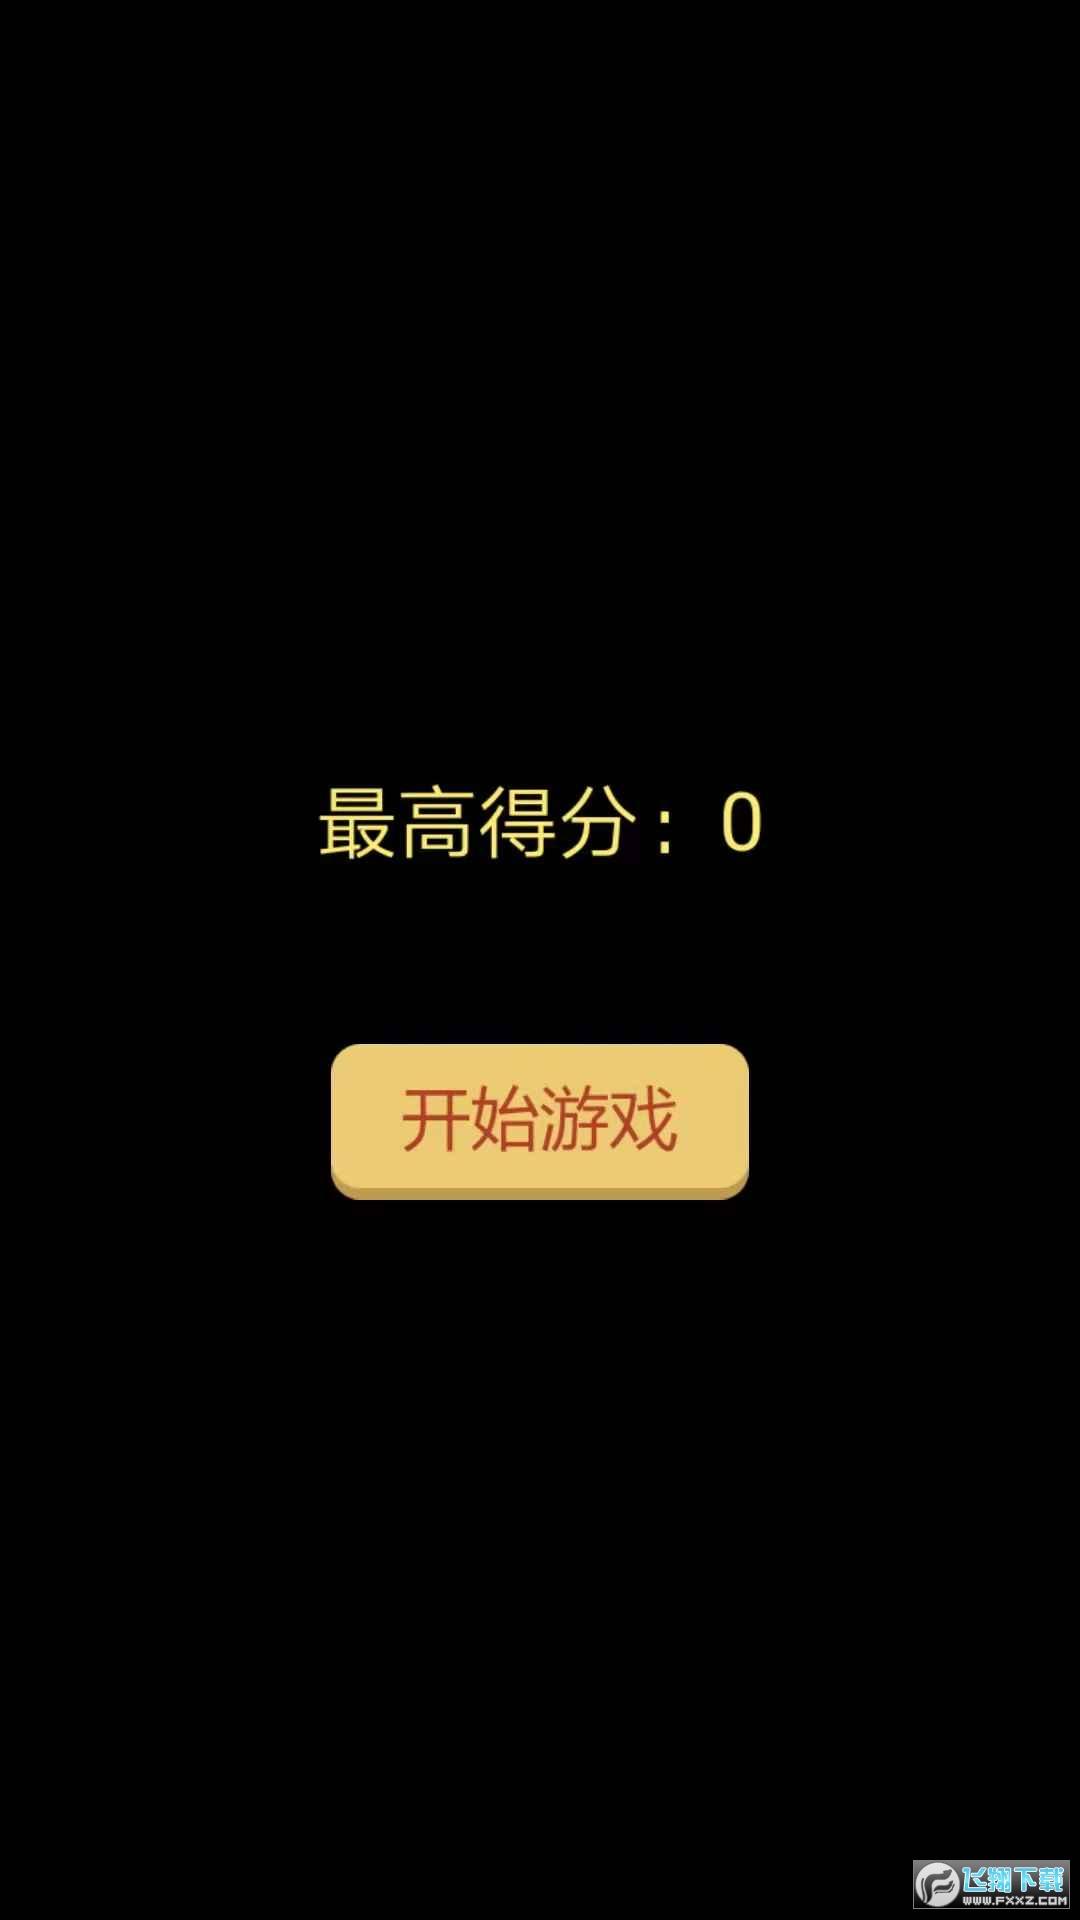 游酷弹弹球游戏安卓版1.0.0官方版截图0